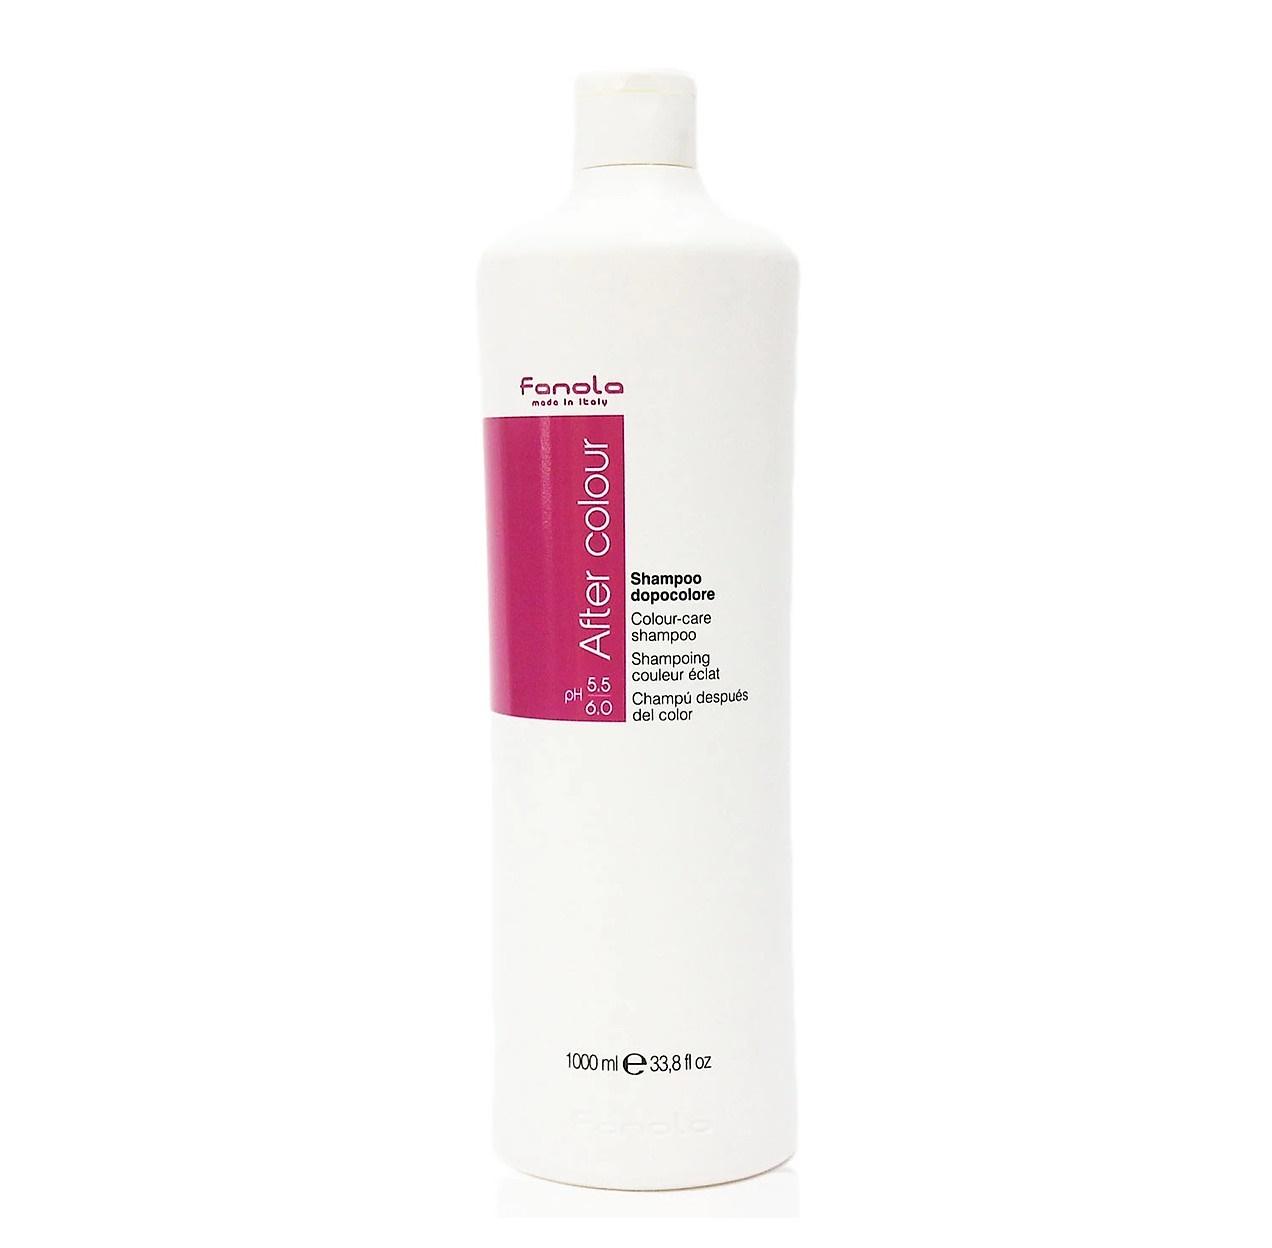 Dầu Gội Chăm Sóc Tóc Nhuộm Fanola After Colour Care Shampoo Italy 1000ml + Tặng Kèm Băng Đô Rửa Mặt